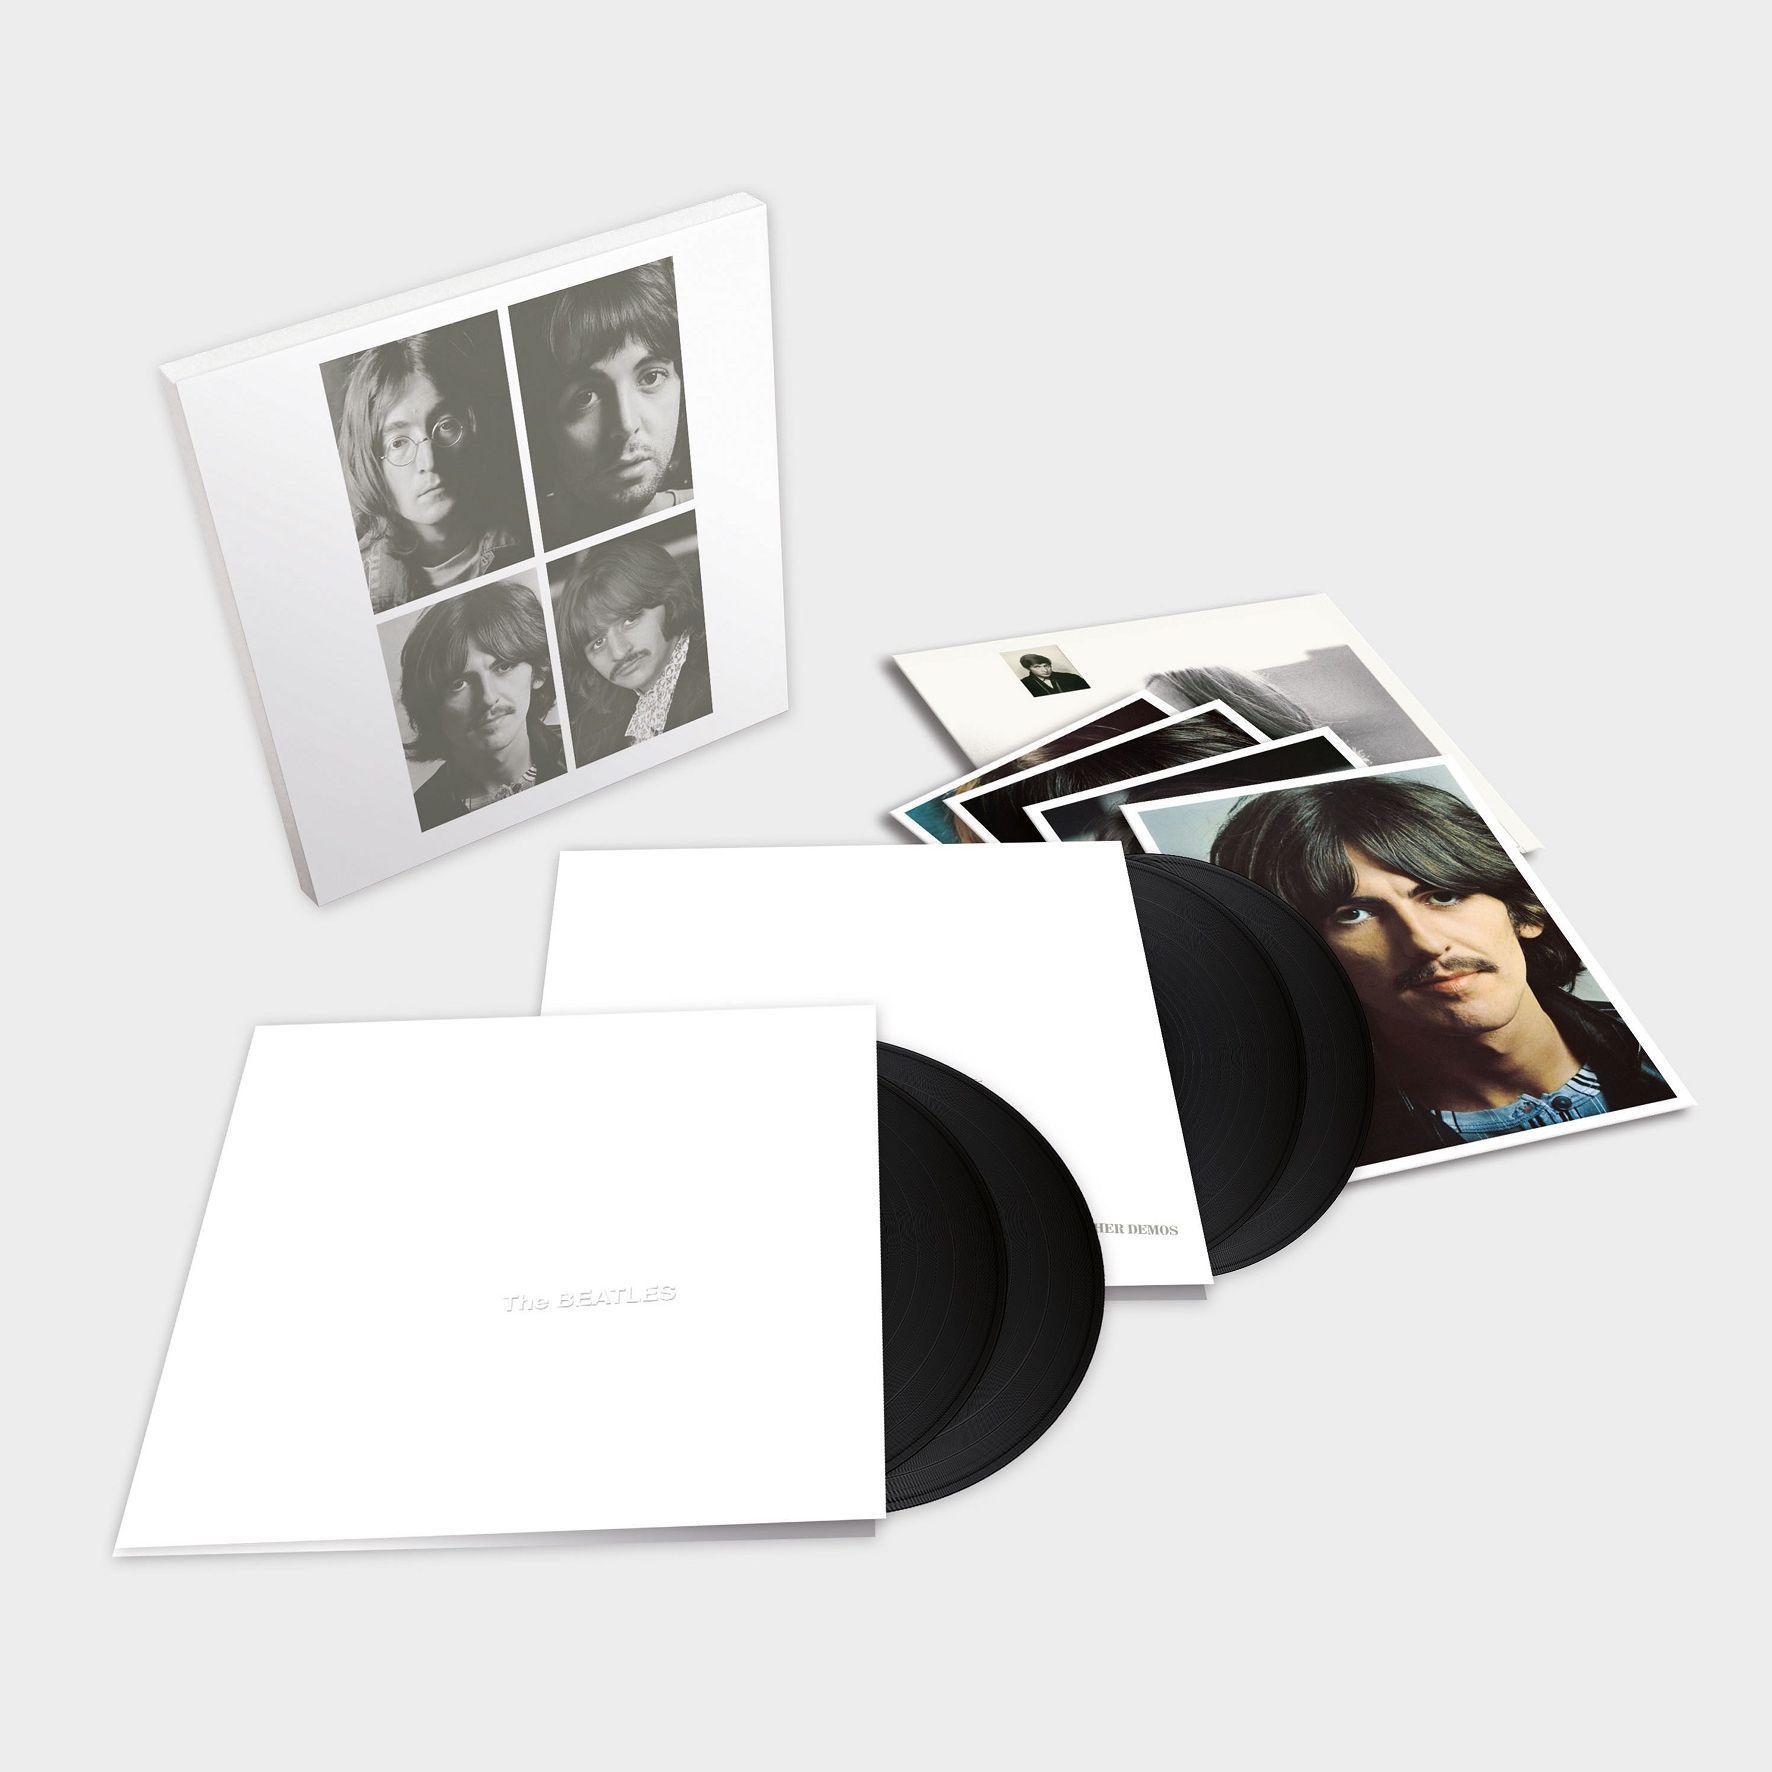 BEATLES / ビートルズ / ザ・ビートルズ(ホワイト・アルバム) <4LP デラックス・エディション>